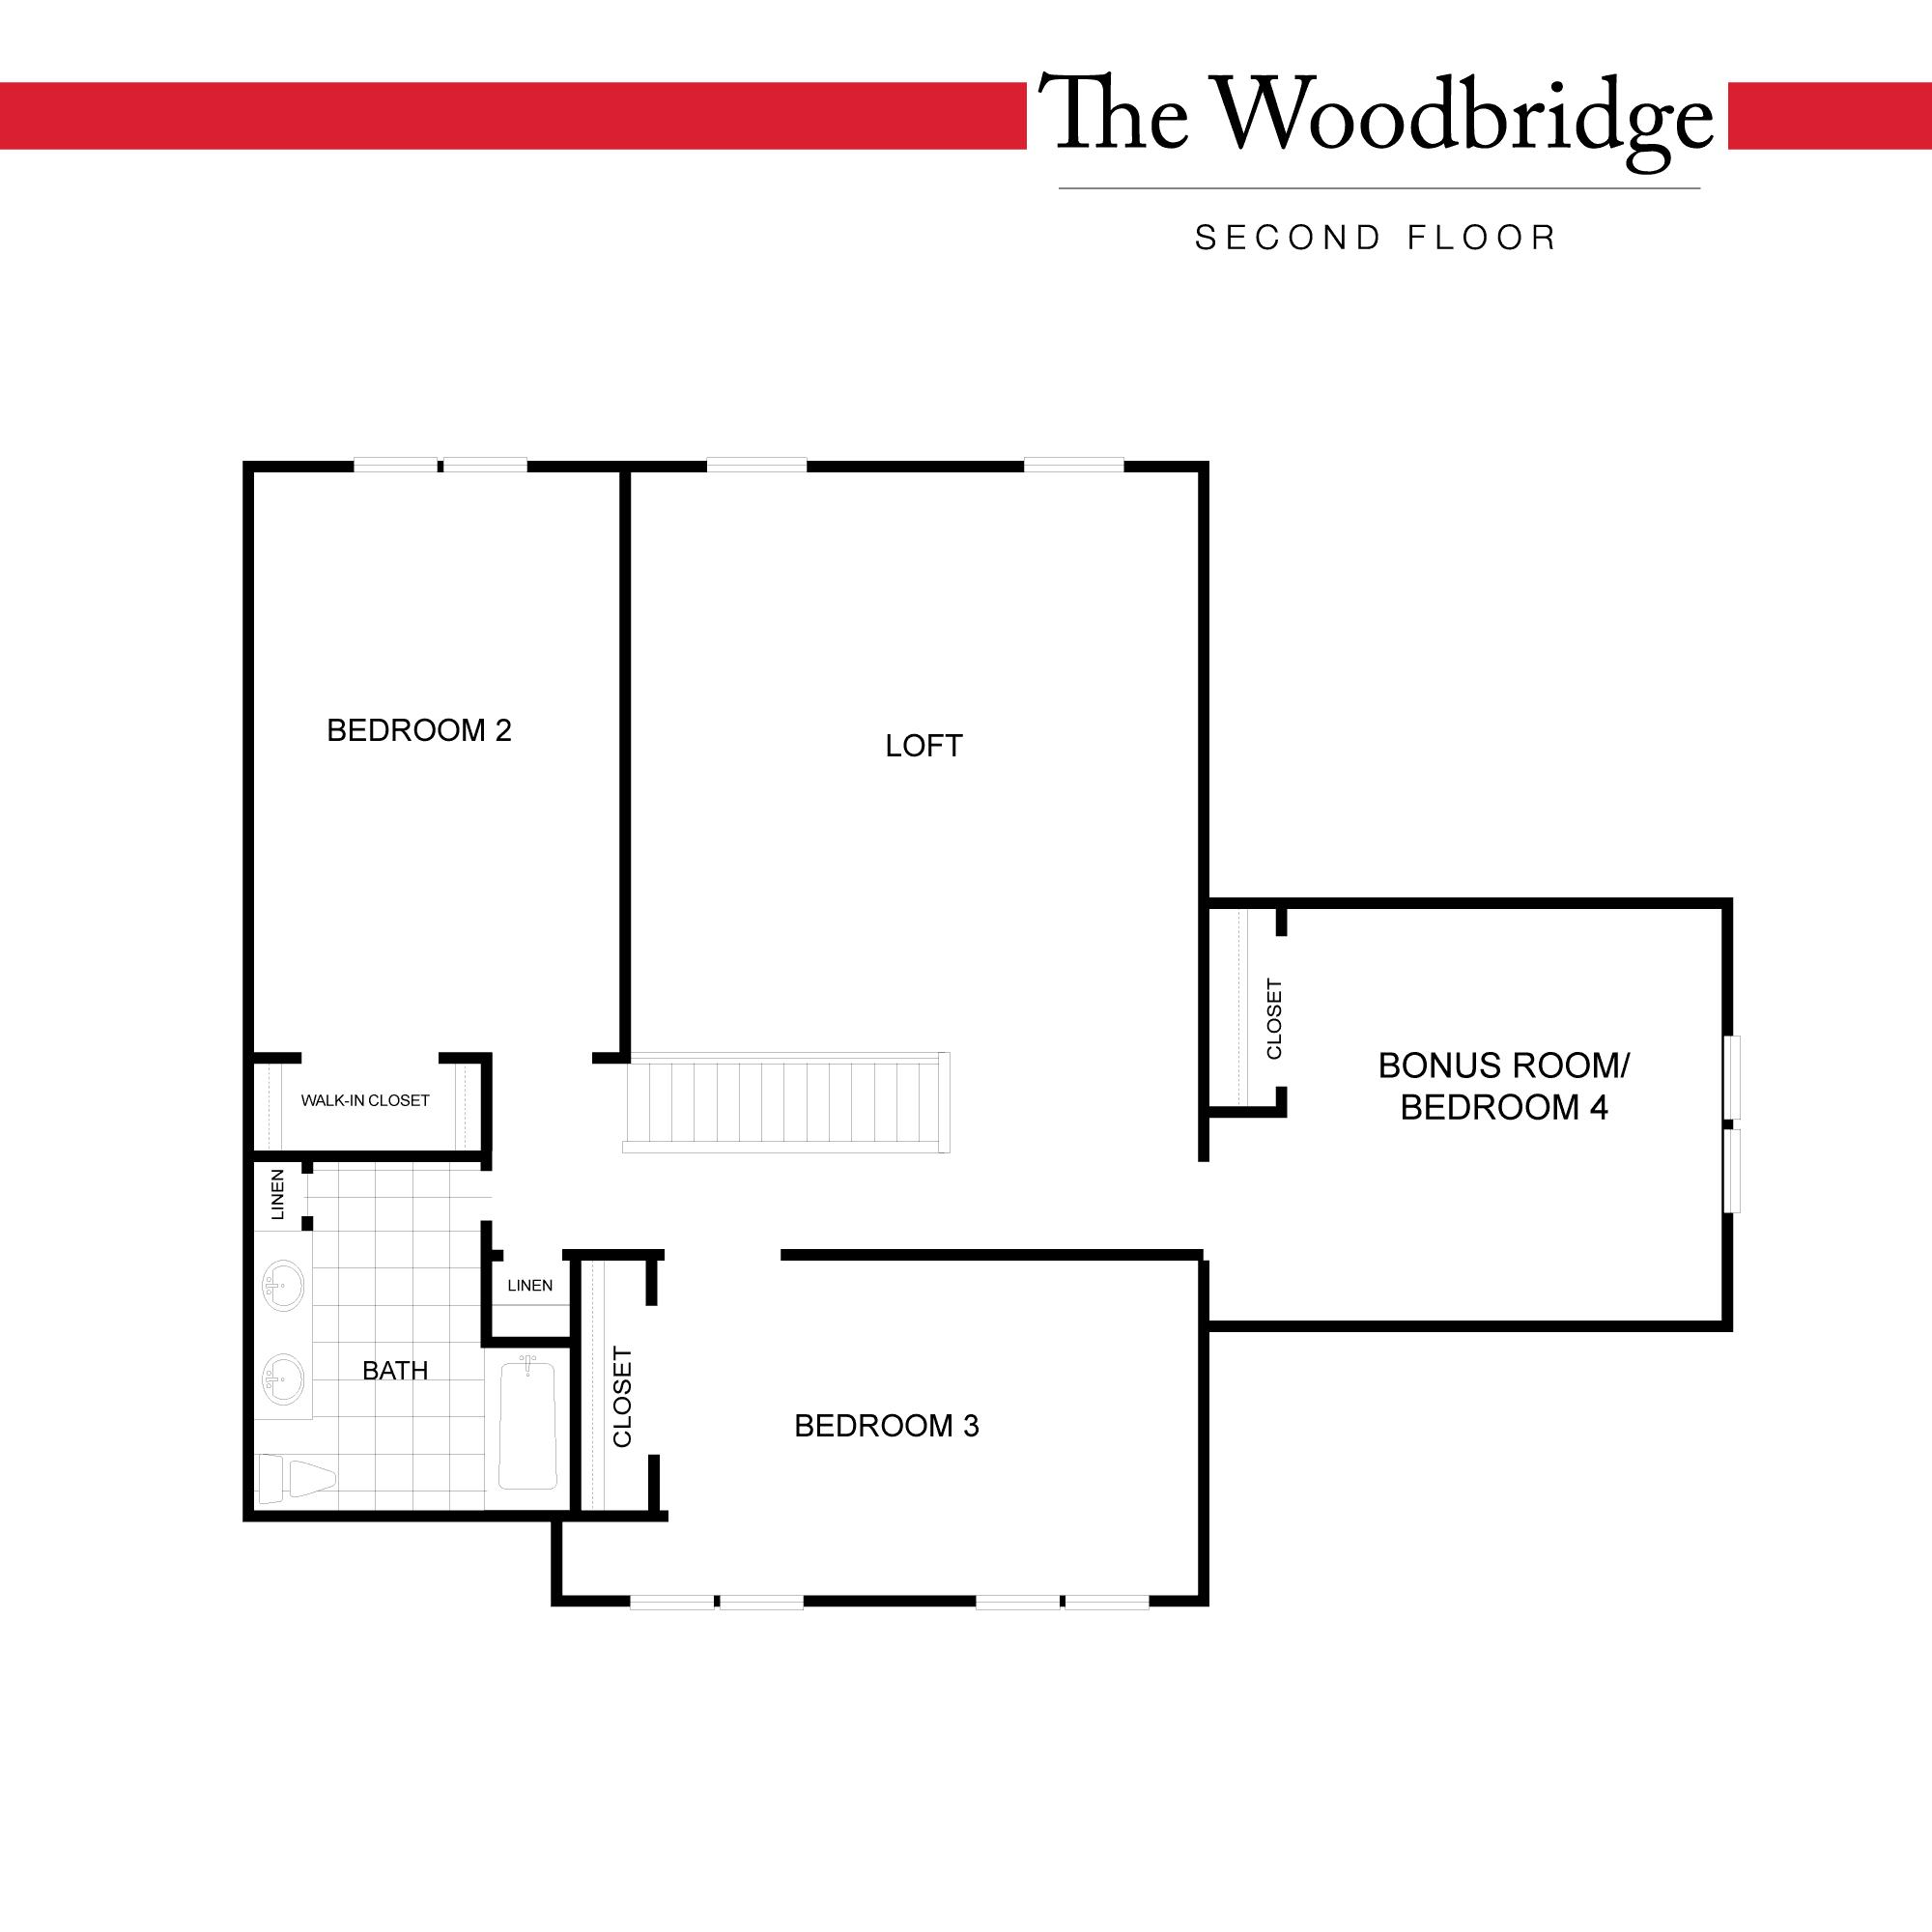 Standard Floor Plan - Second Floor